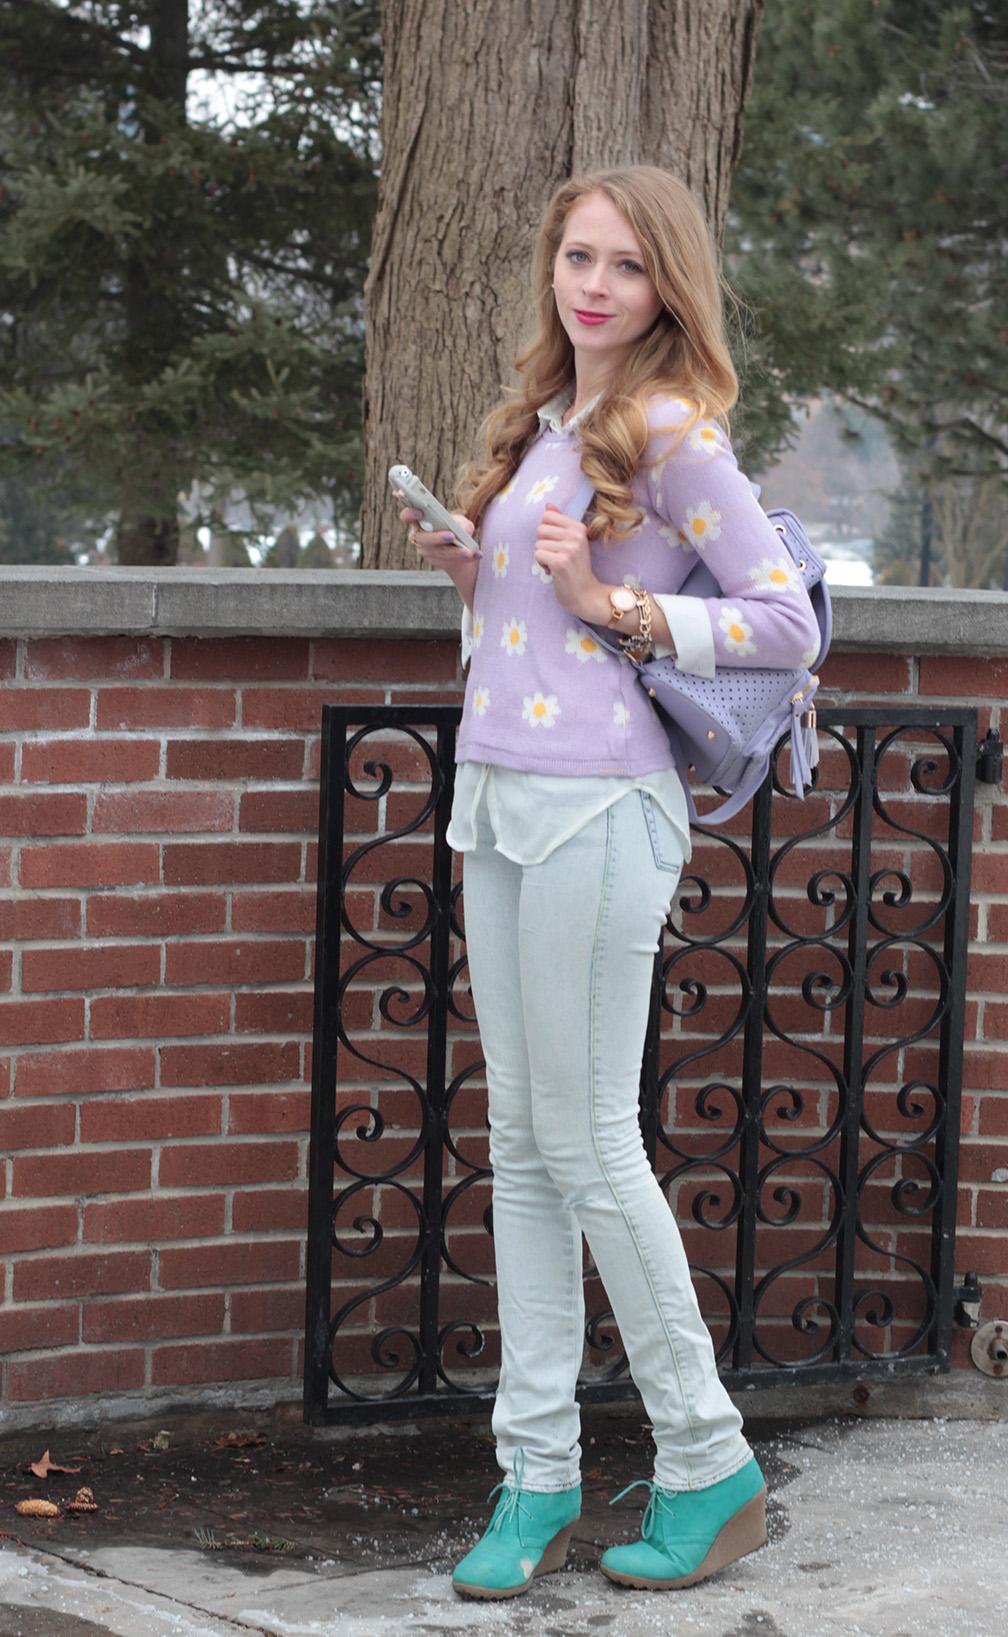 purple daisy knit sweater light jeans